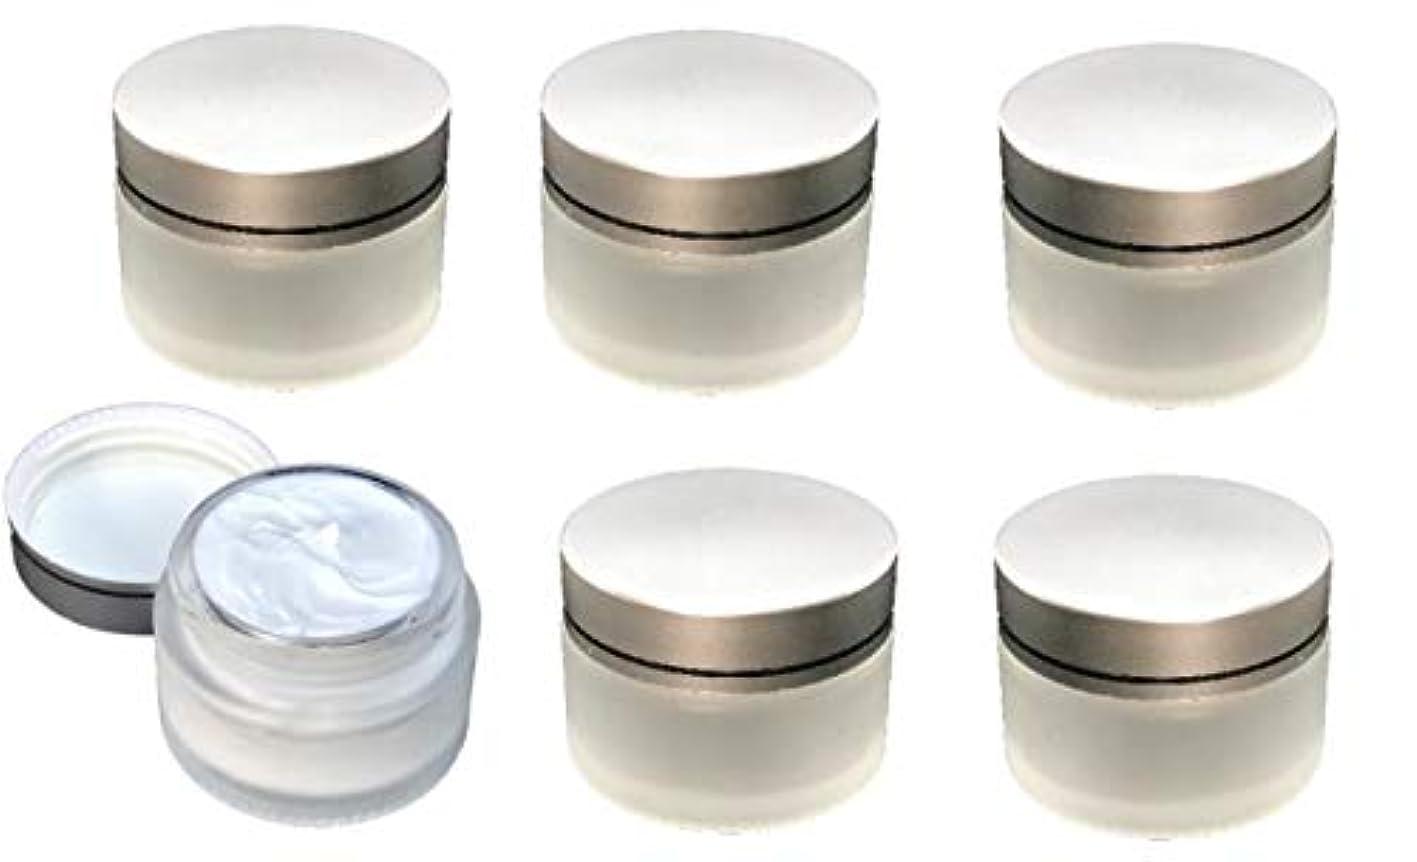 反論あそこアクロバットrer ハンドクリーム 詰替え 容器 遮光瓶 薬 ワセリン 入れ 6個 セット (ホワイト)